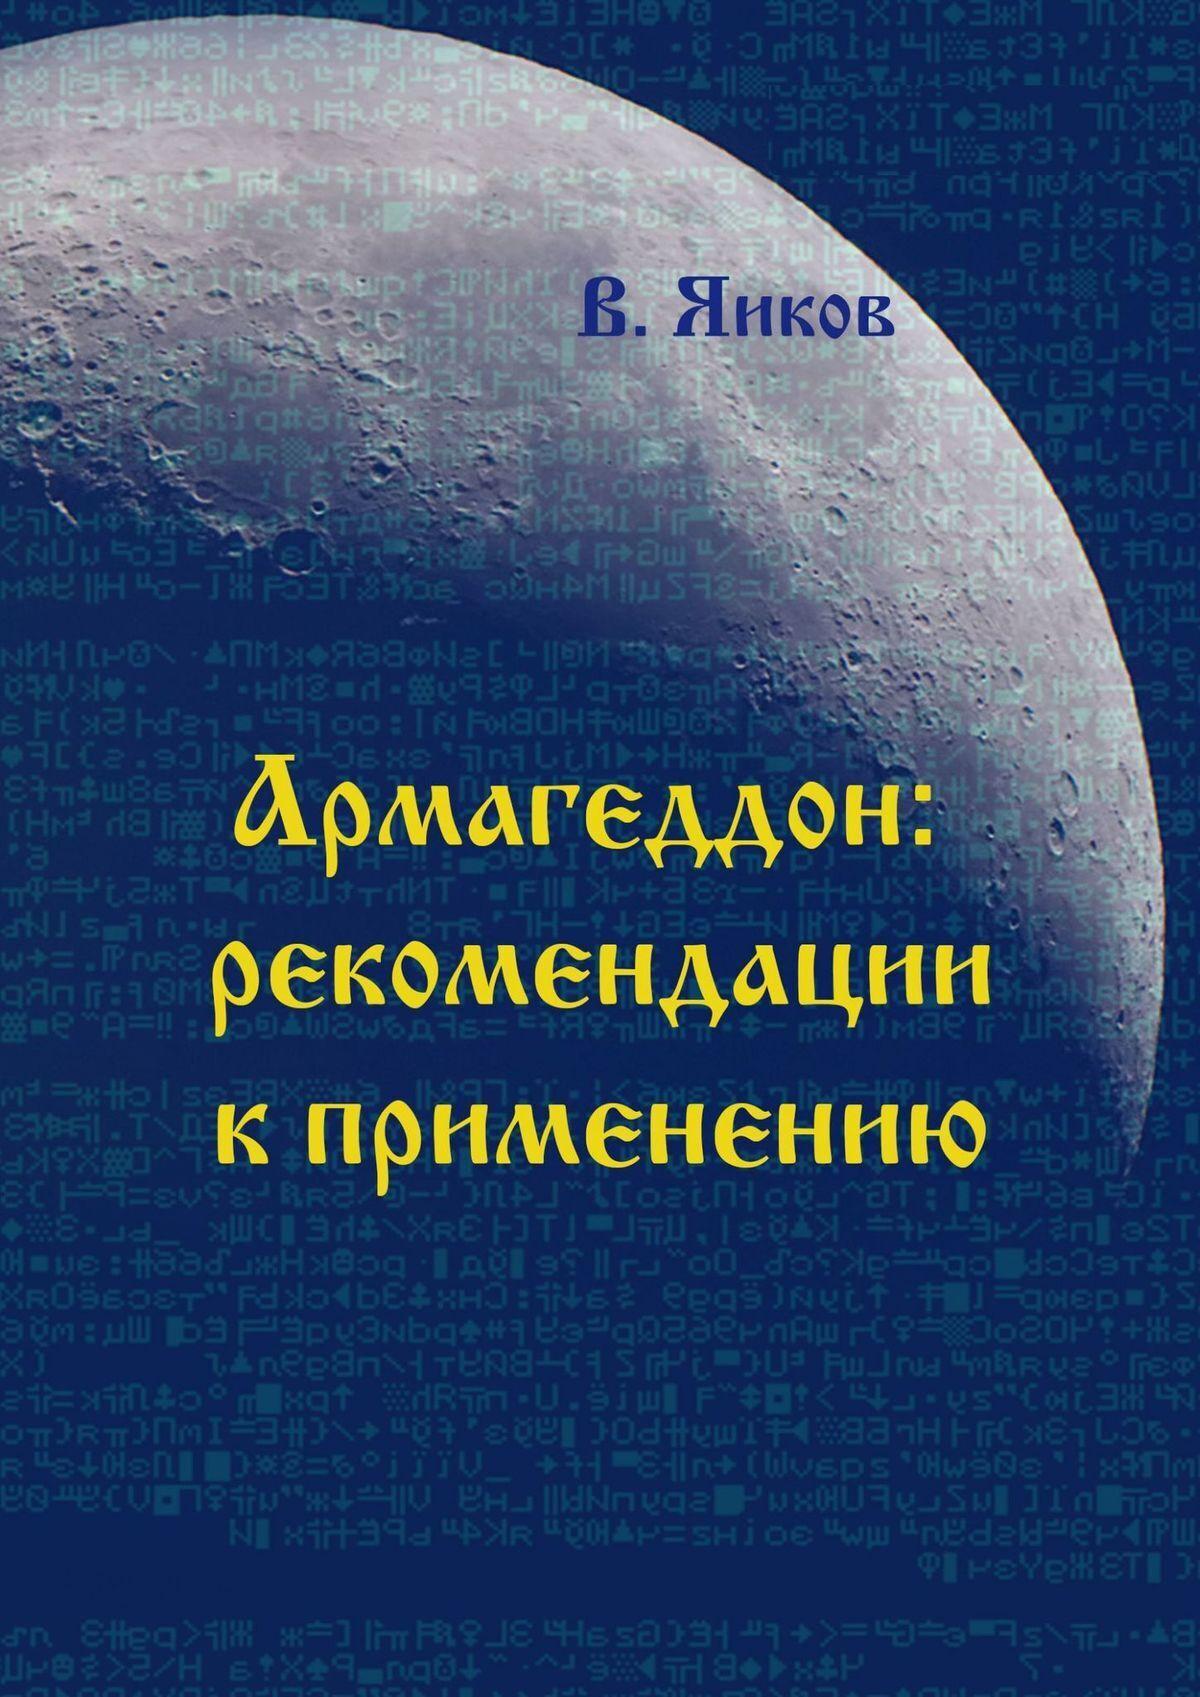 цена на Виктор Николаевич Яиков Армагеддон: рекомендации к применению